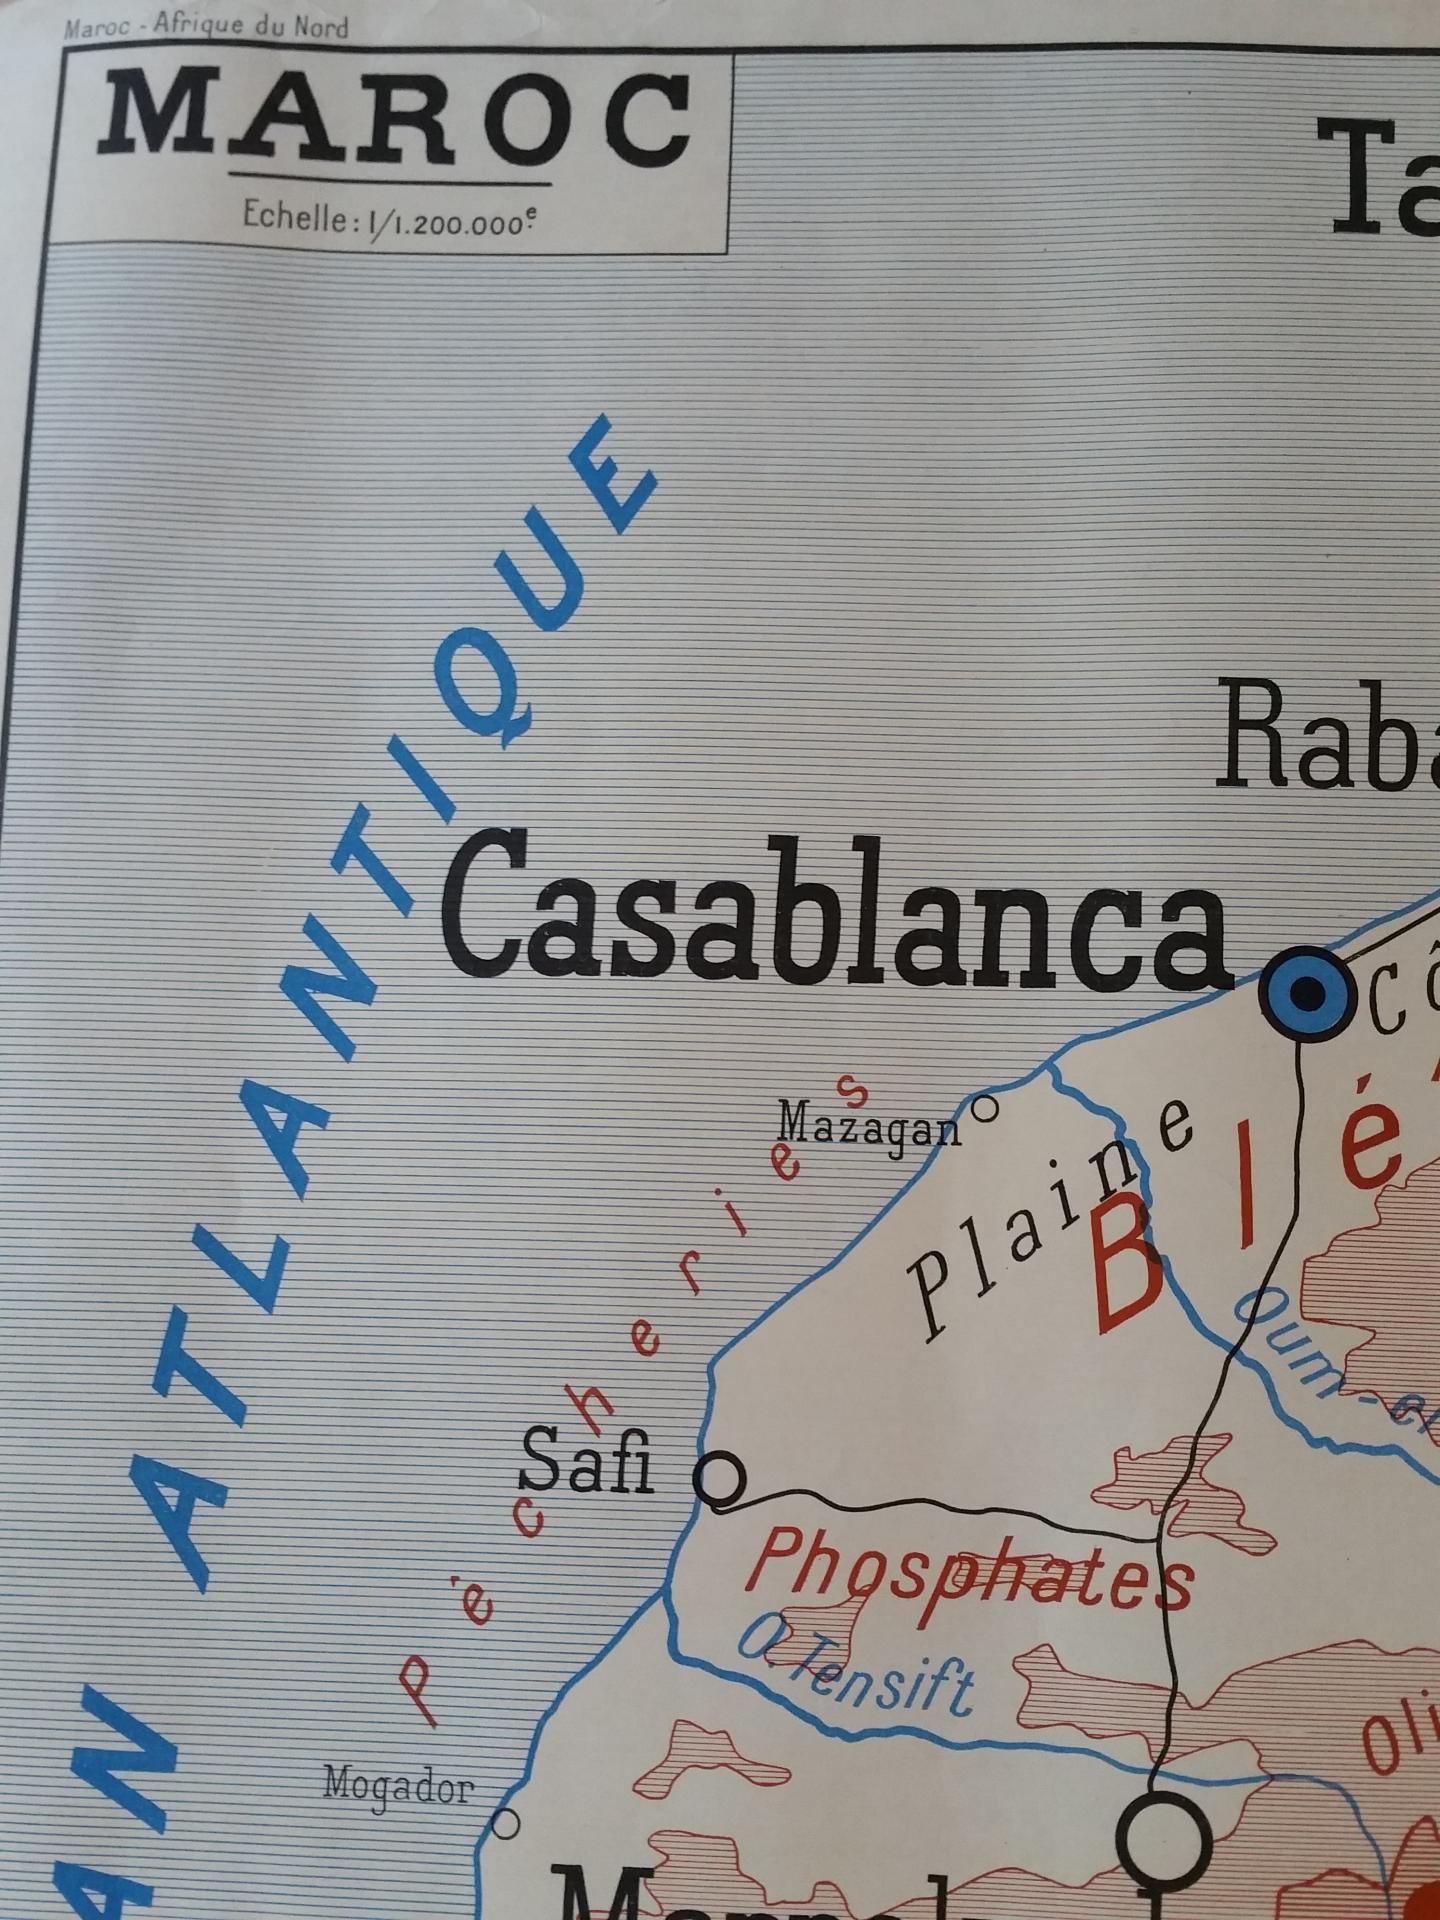 1 carte maroc afrique du nord